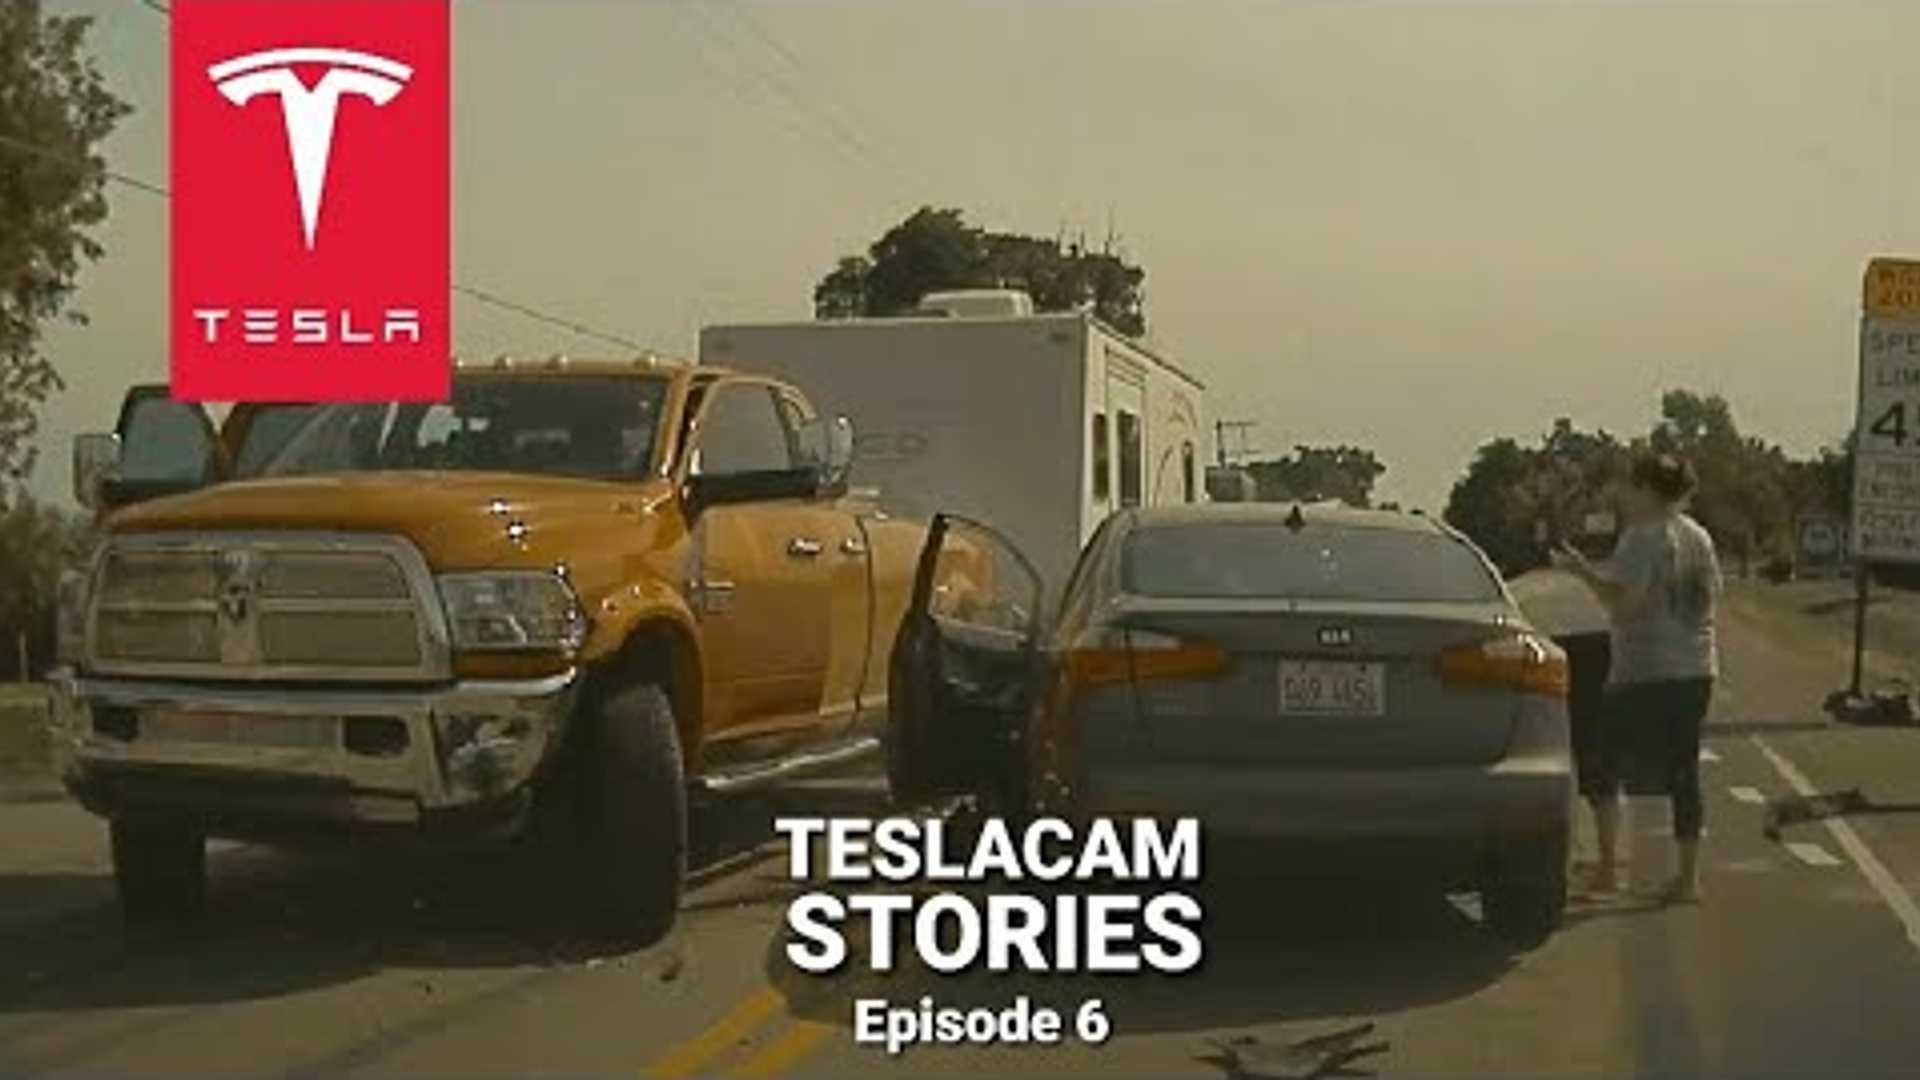 Tesla Model 3 TeslaCam ловит аварию внедорожника с несколькими ролловерами